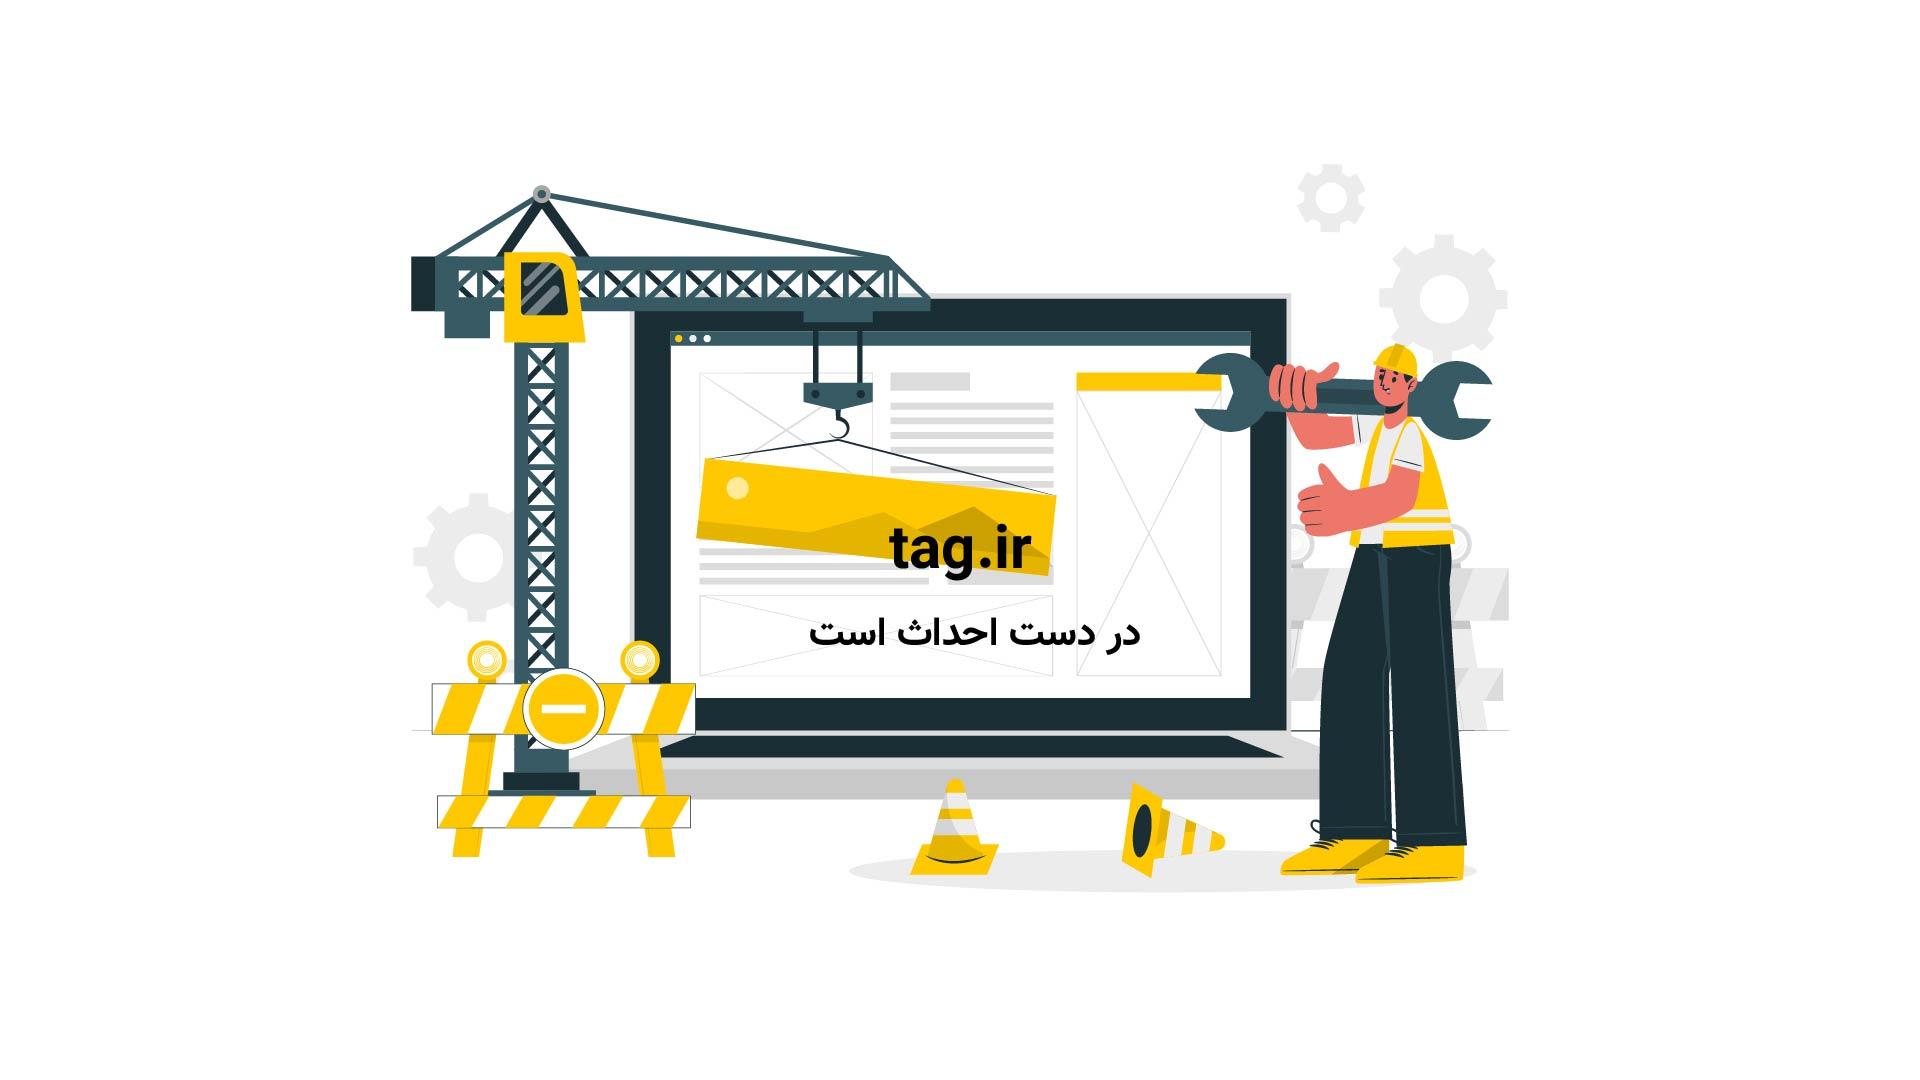 سخنرانیهای تد؛ سخنرانی جالب نویسنده کتاب نبوغ جمعی | فیلم